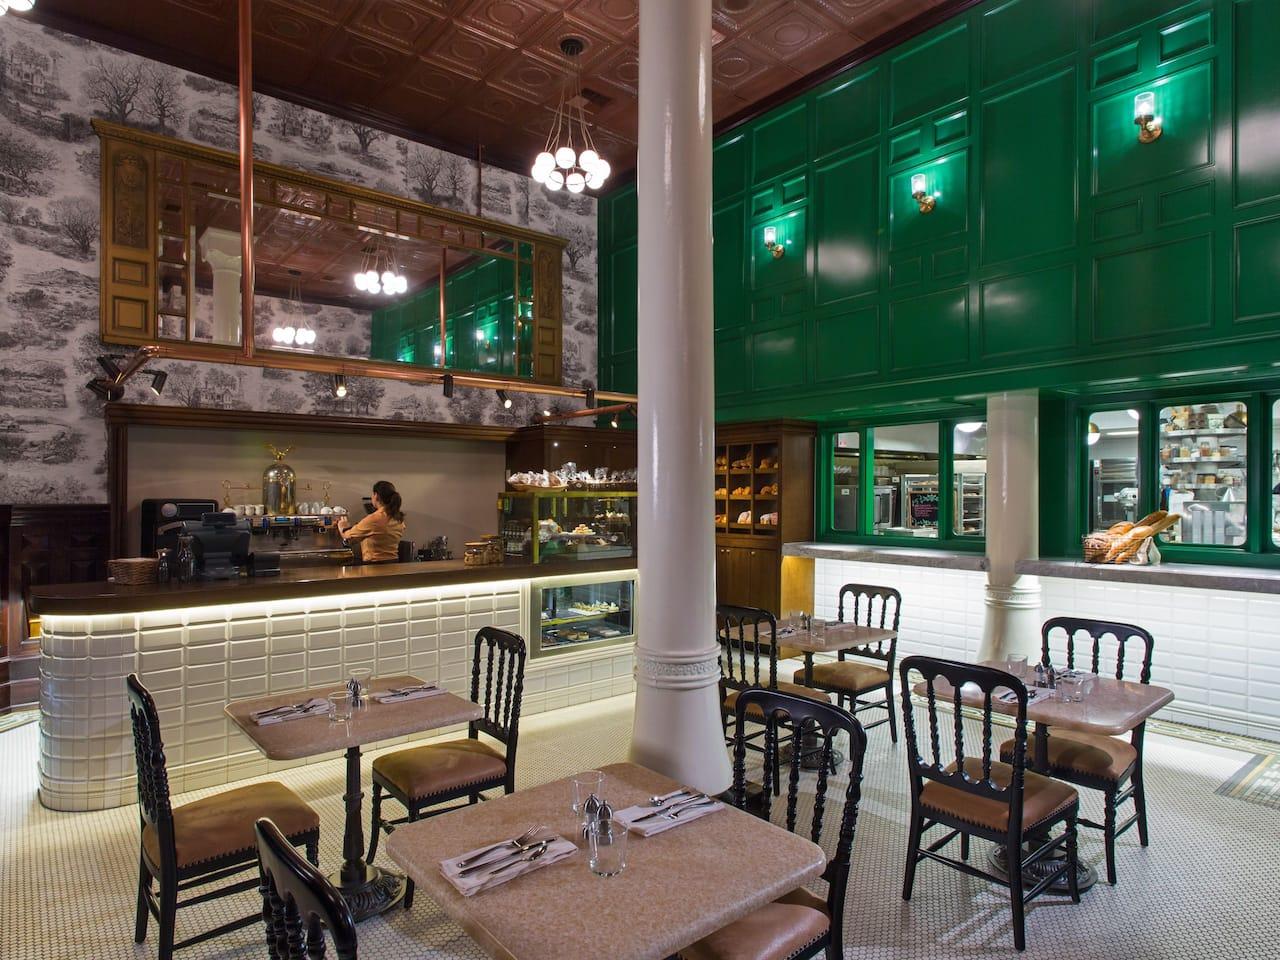 1186 Cafe & Bakery The Driskill